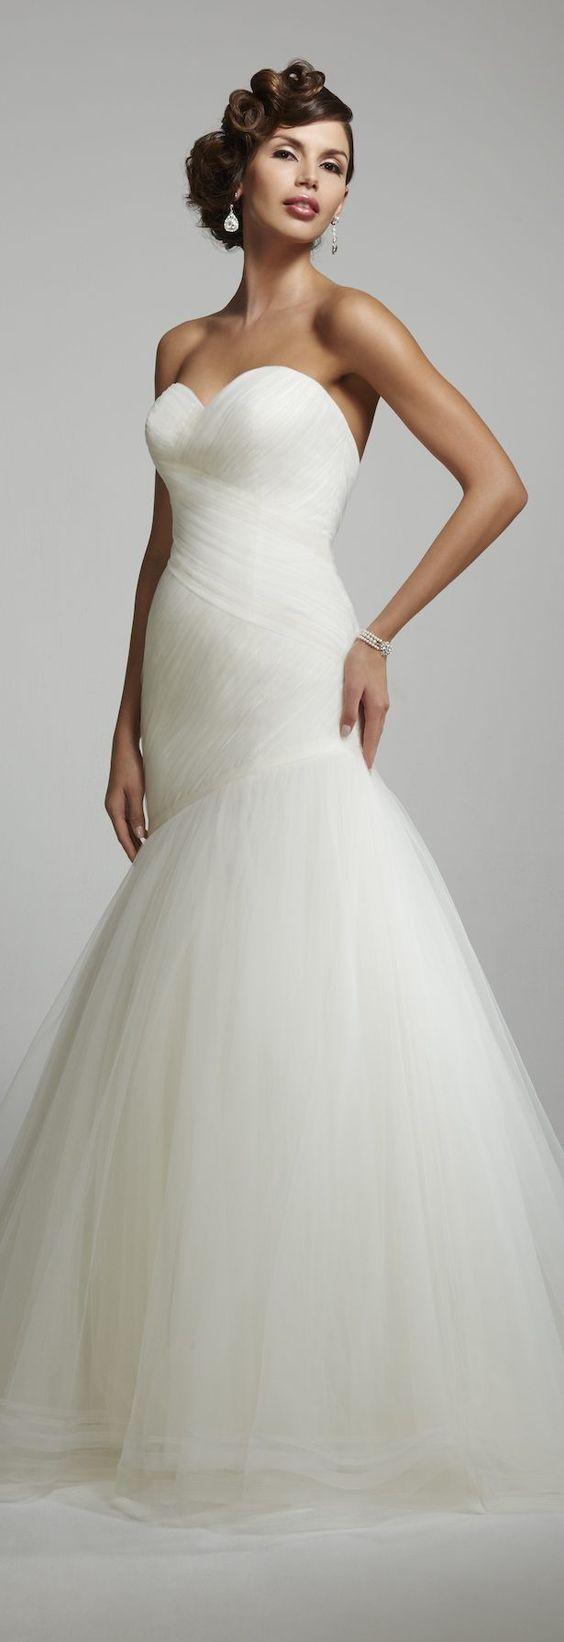 Featured Dress: Matthew Christopher; Wedding dress idea.